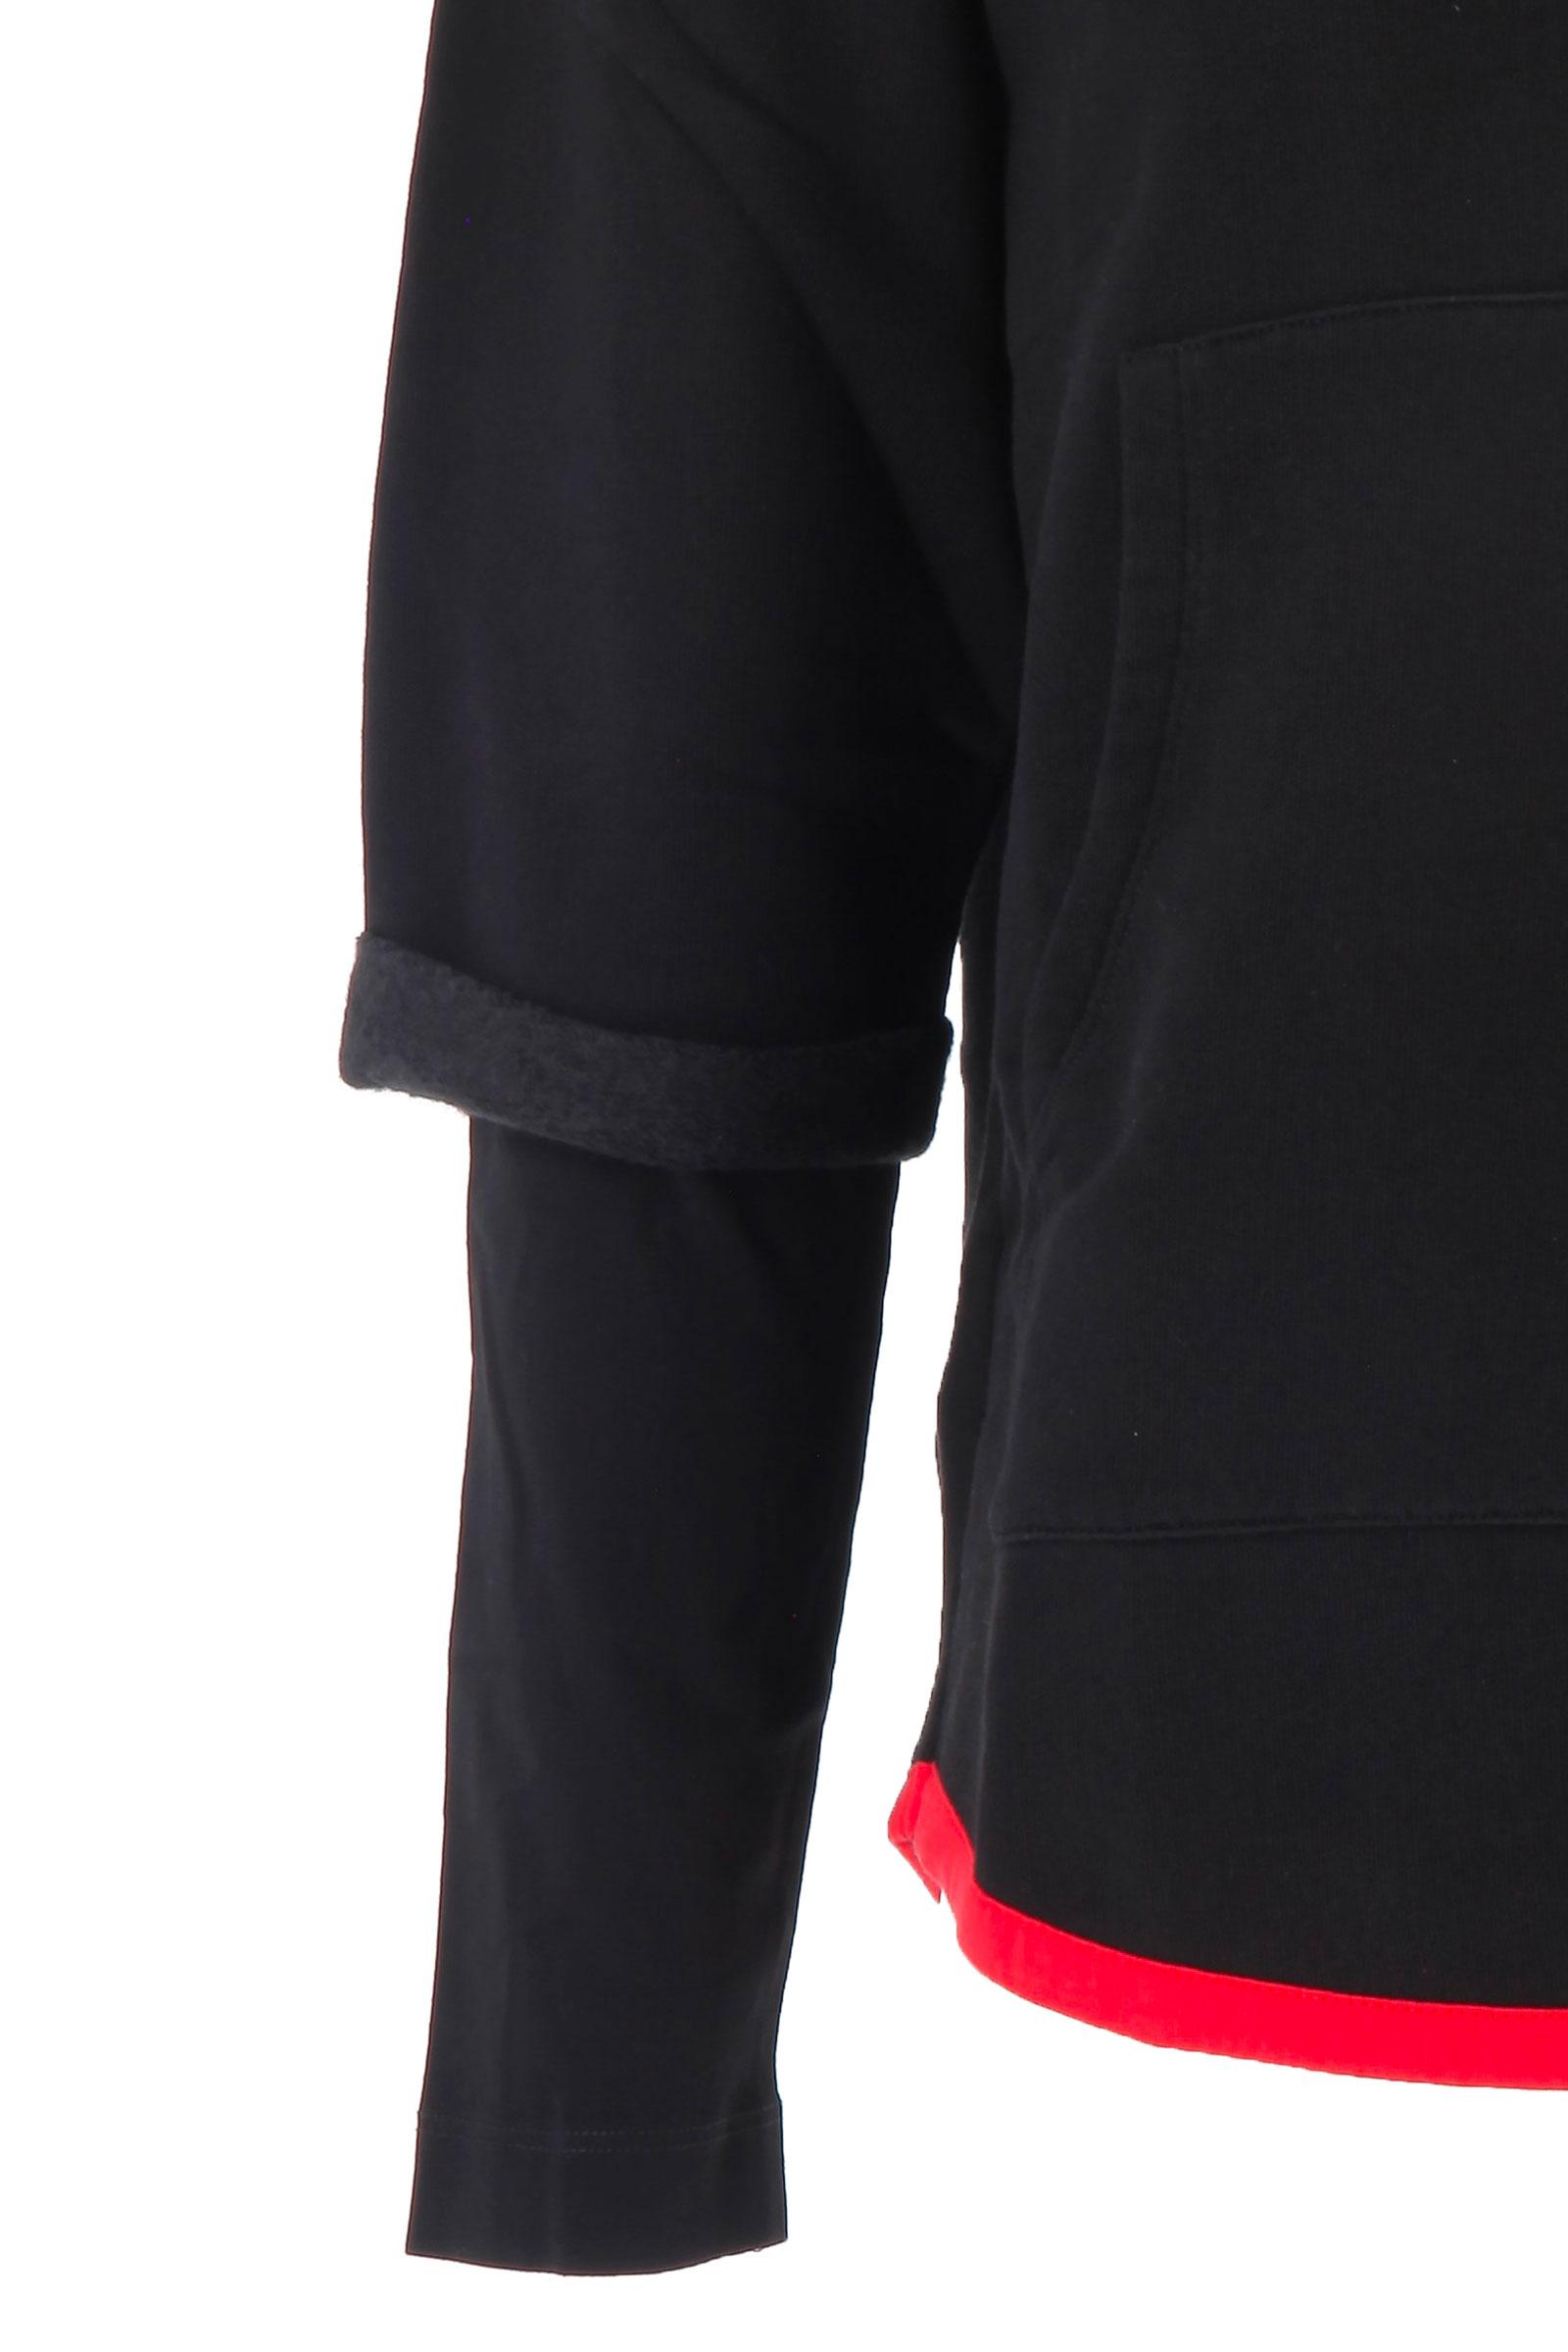 Felpa manica doppiata MARCELO BURLON KIDS OF MILAN | Felpa | BMB21060020B010